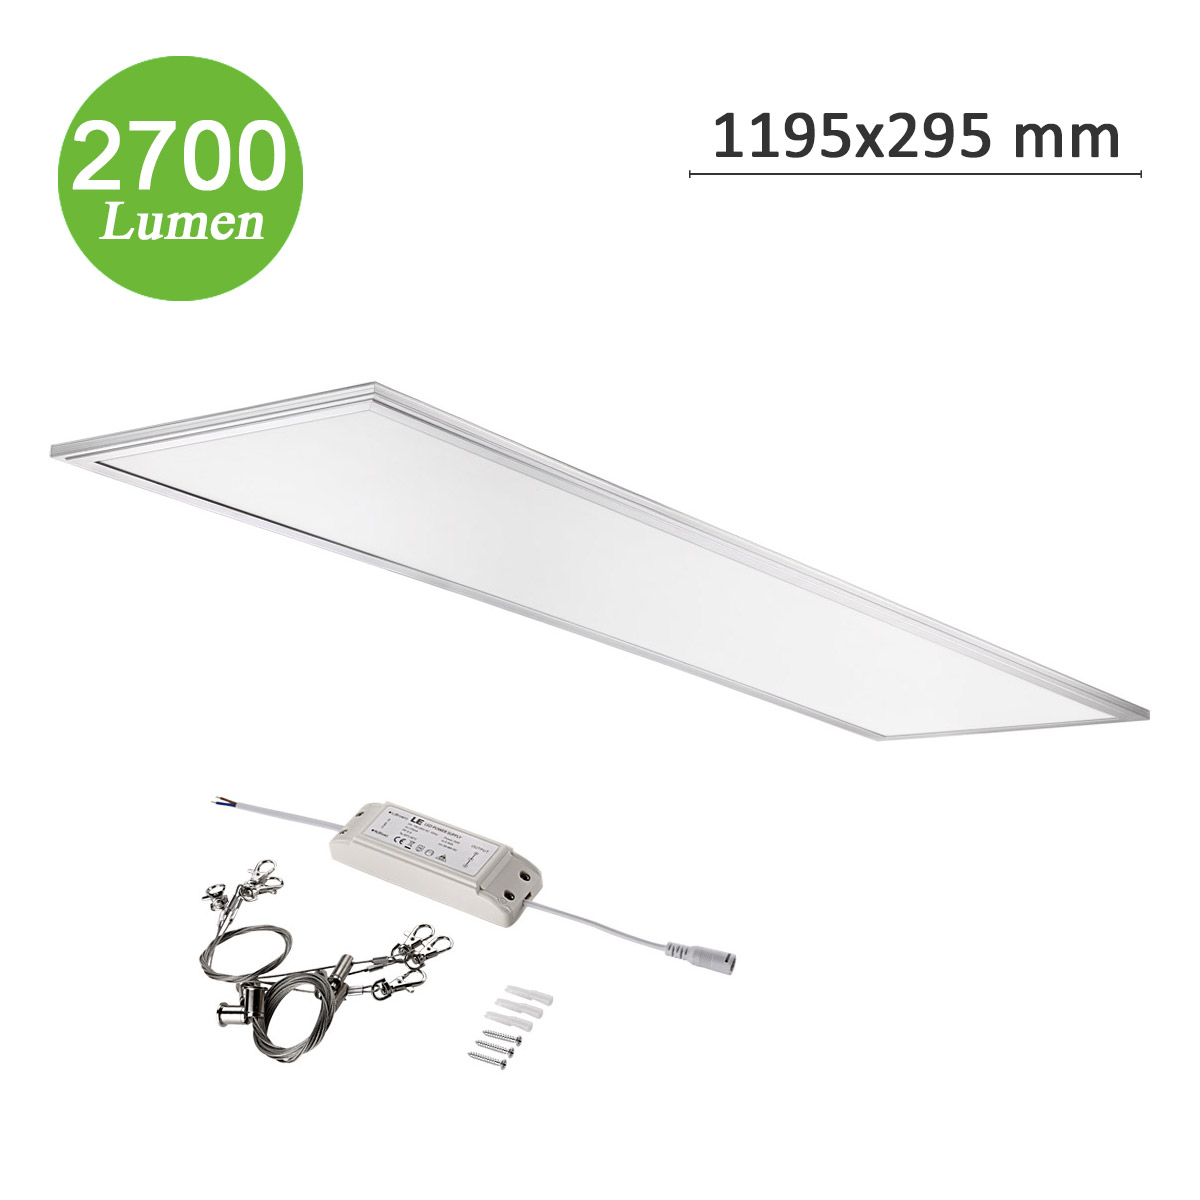 36W LED Panel, 295*1195mm, 2700lm Deckenleuchte, Entspricht 80W Leuchtstoffbirne, LED Panellampen mit Befestigungsmaterial, Neutralweiß